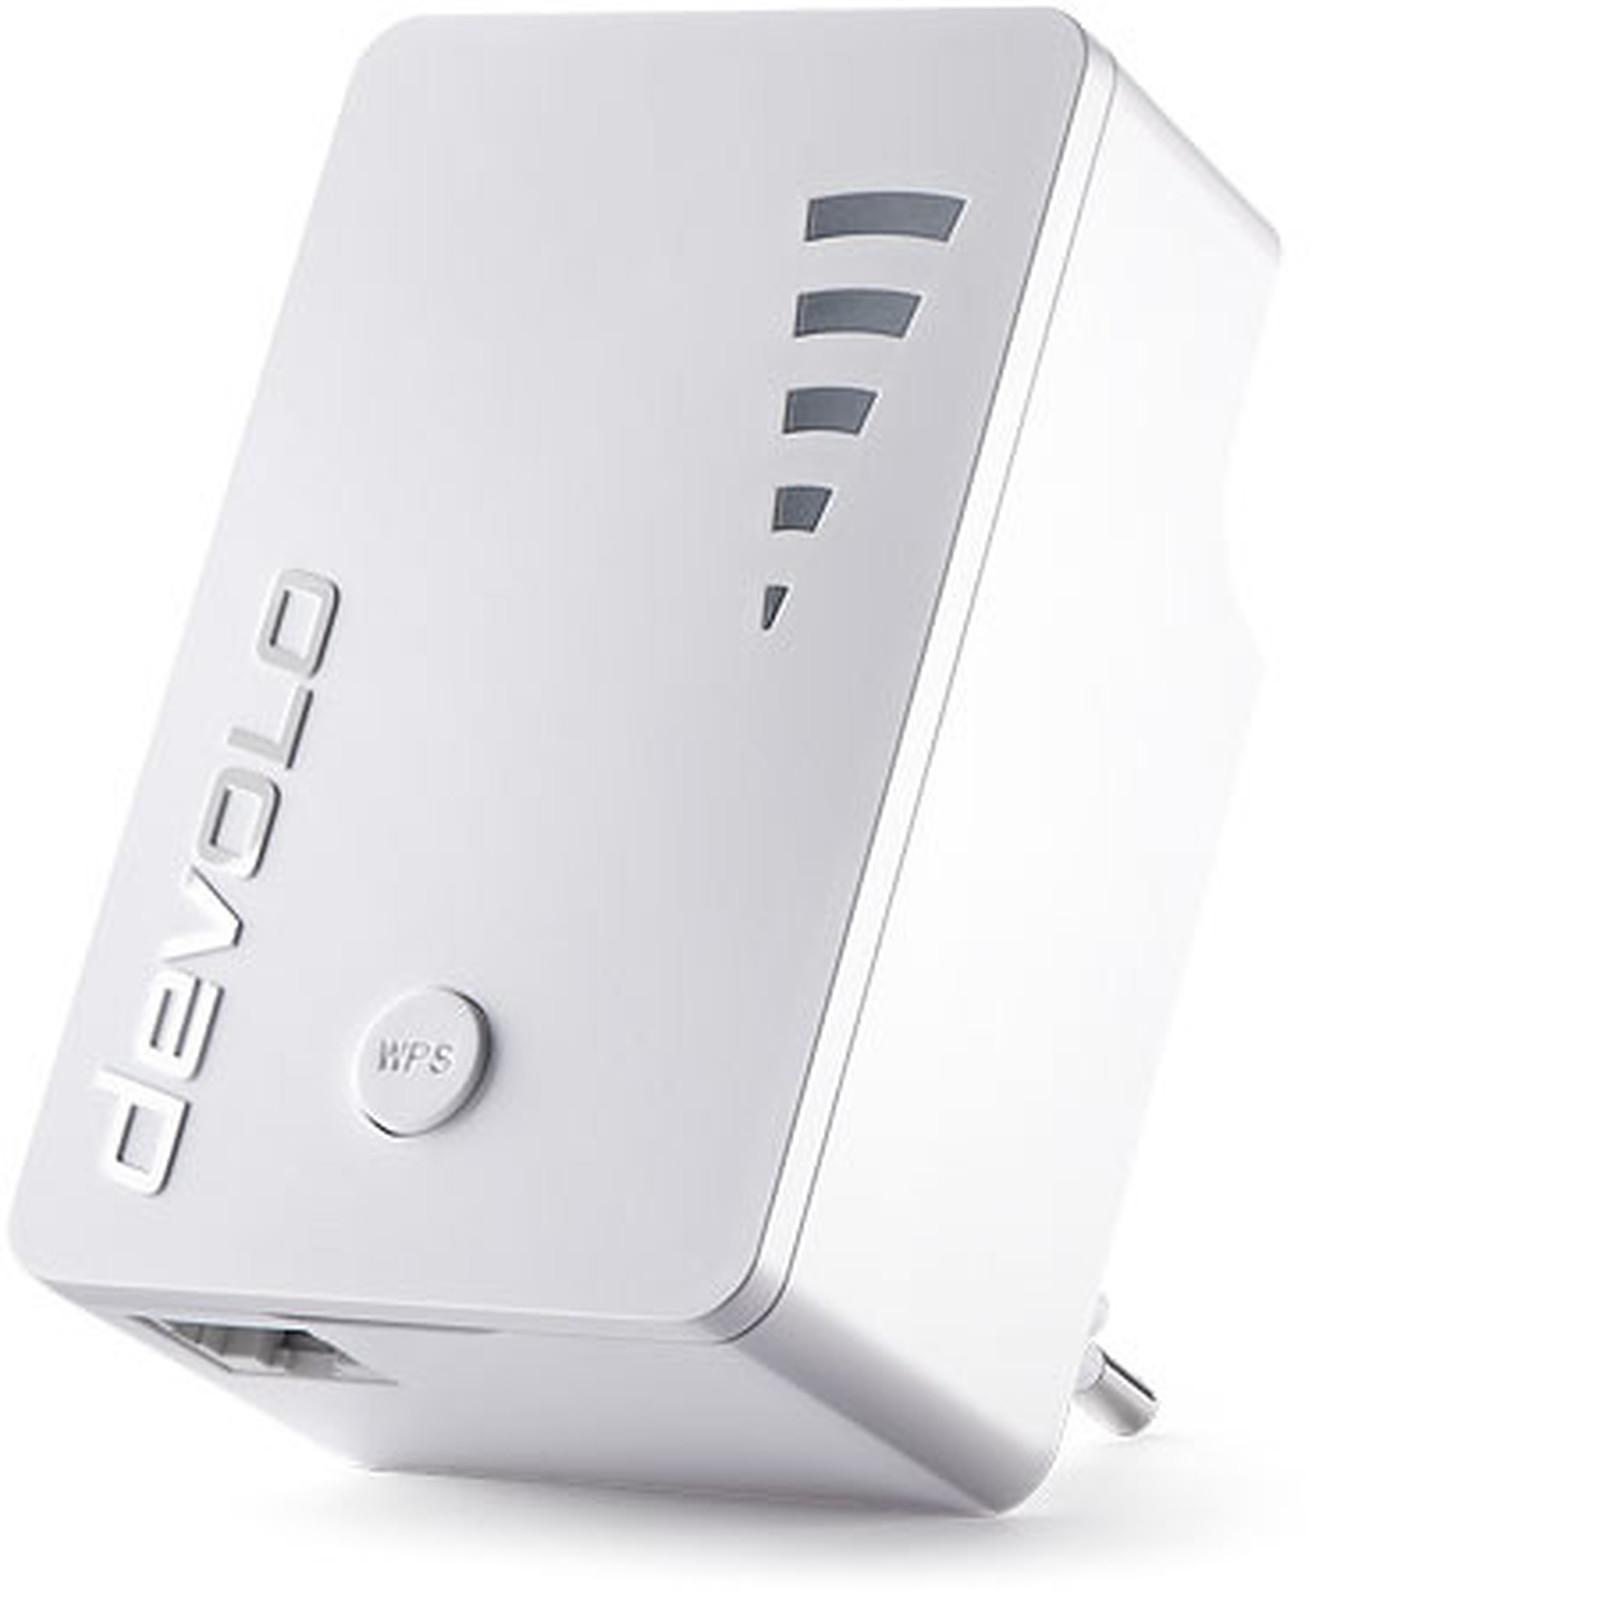 WiFi ac devolo dLAN 1200